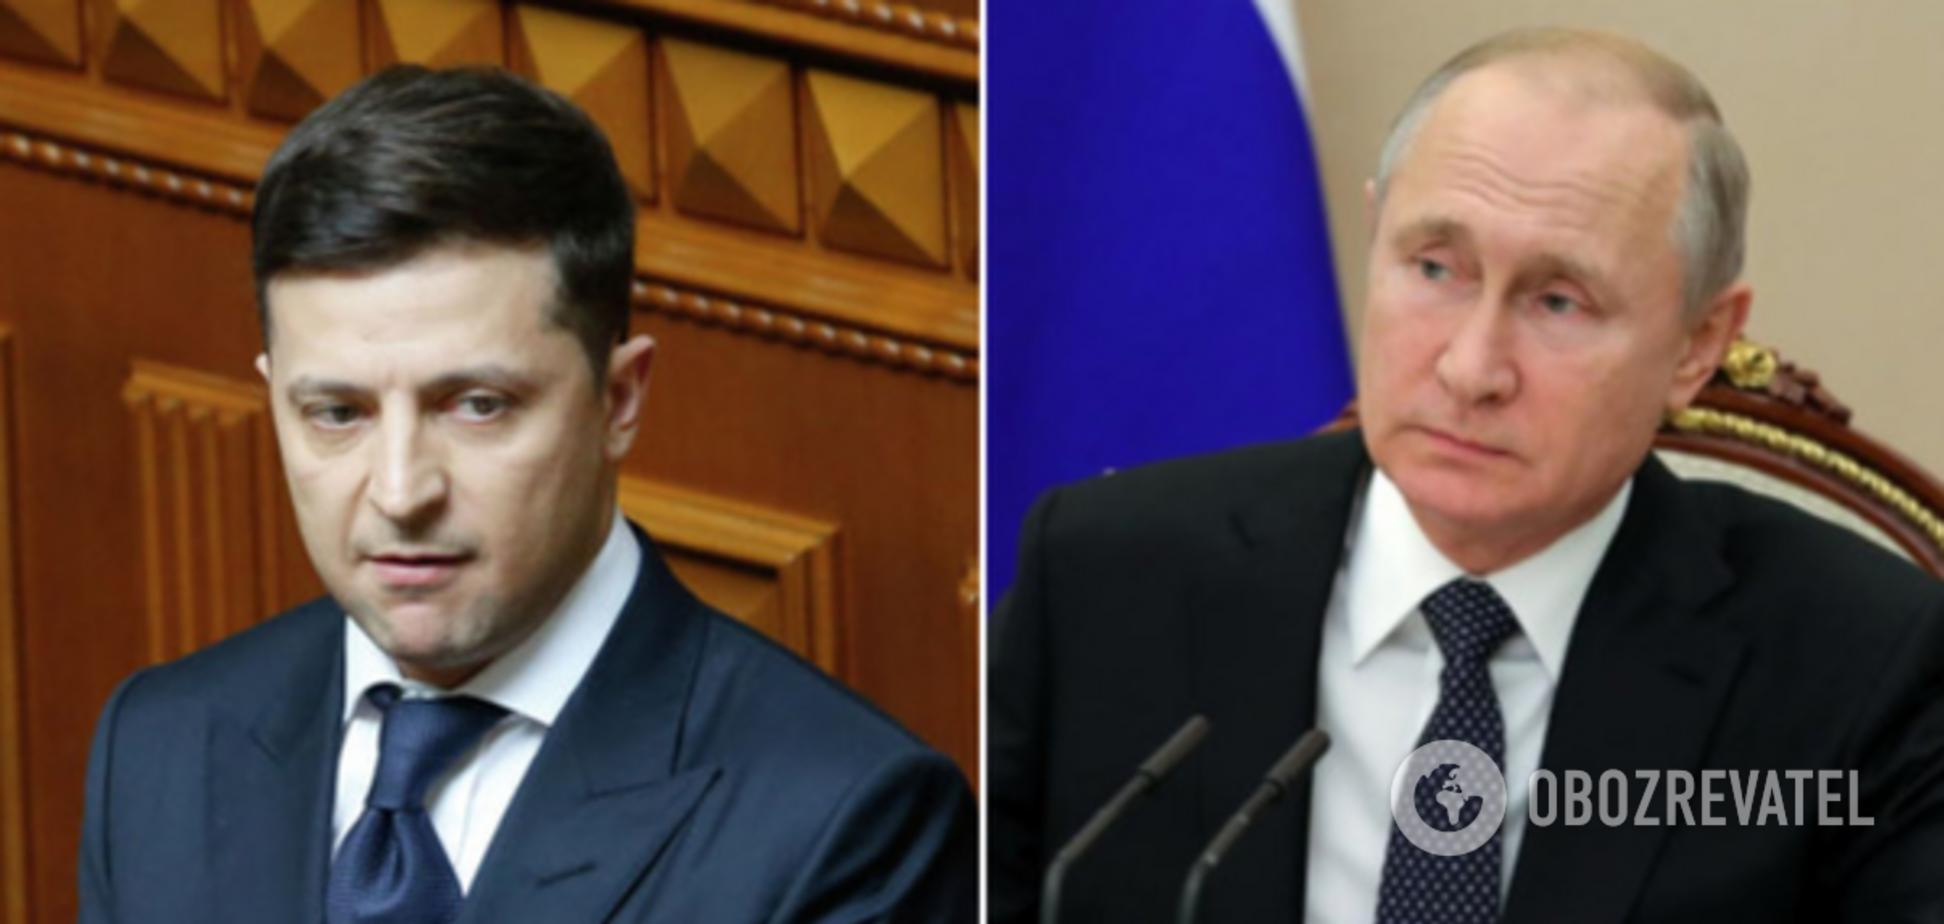 'Только глаза в глаза': Зеленский признался, о чем говорил с Путиным